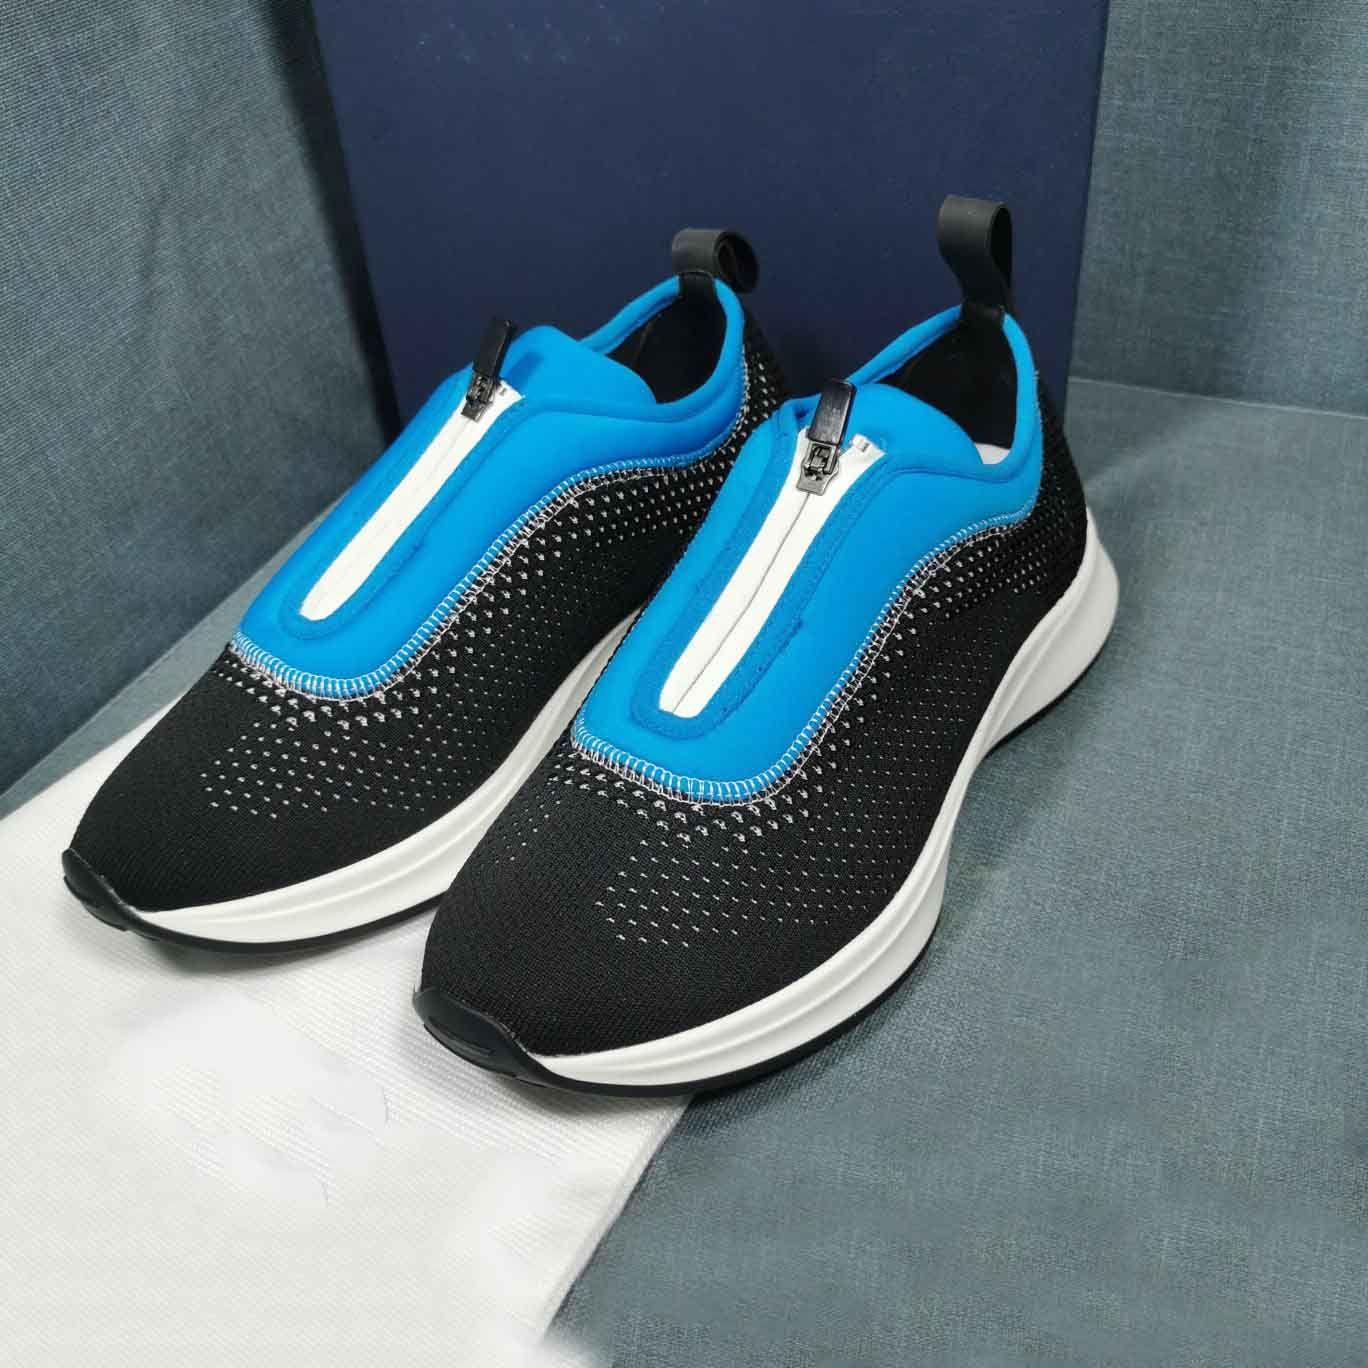 L'homme et la femme en plein air Chaussures Casual New Tide Chaussures Chaussures mode Entraîneur Nuisex extérieur 35-45 X 20061703W